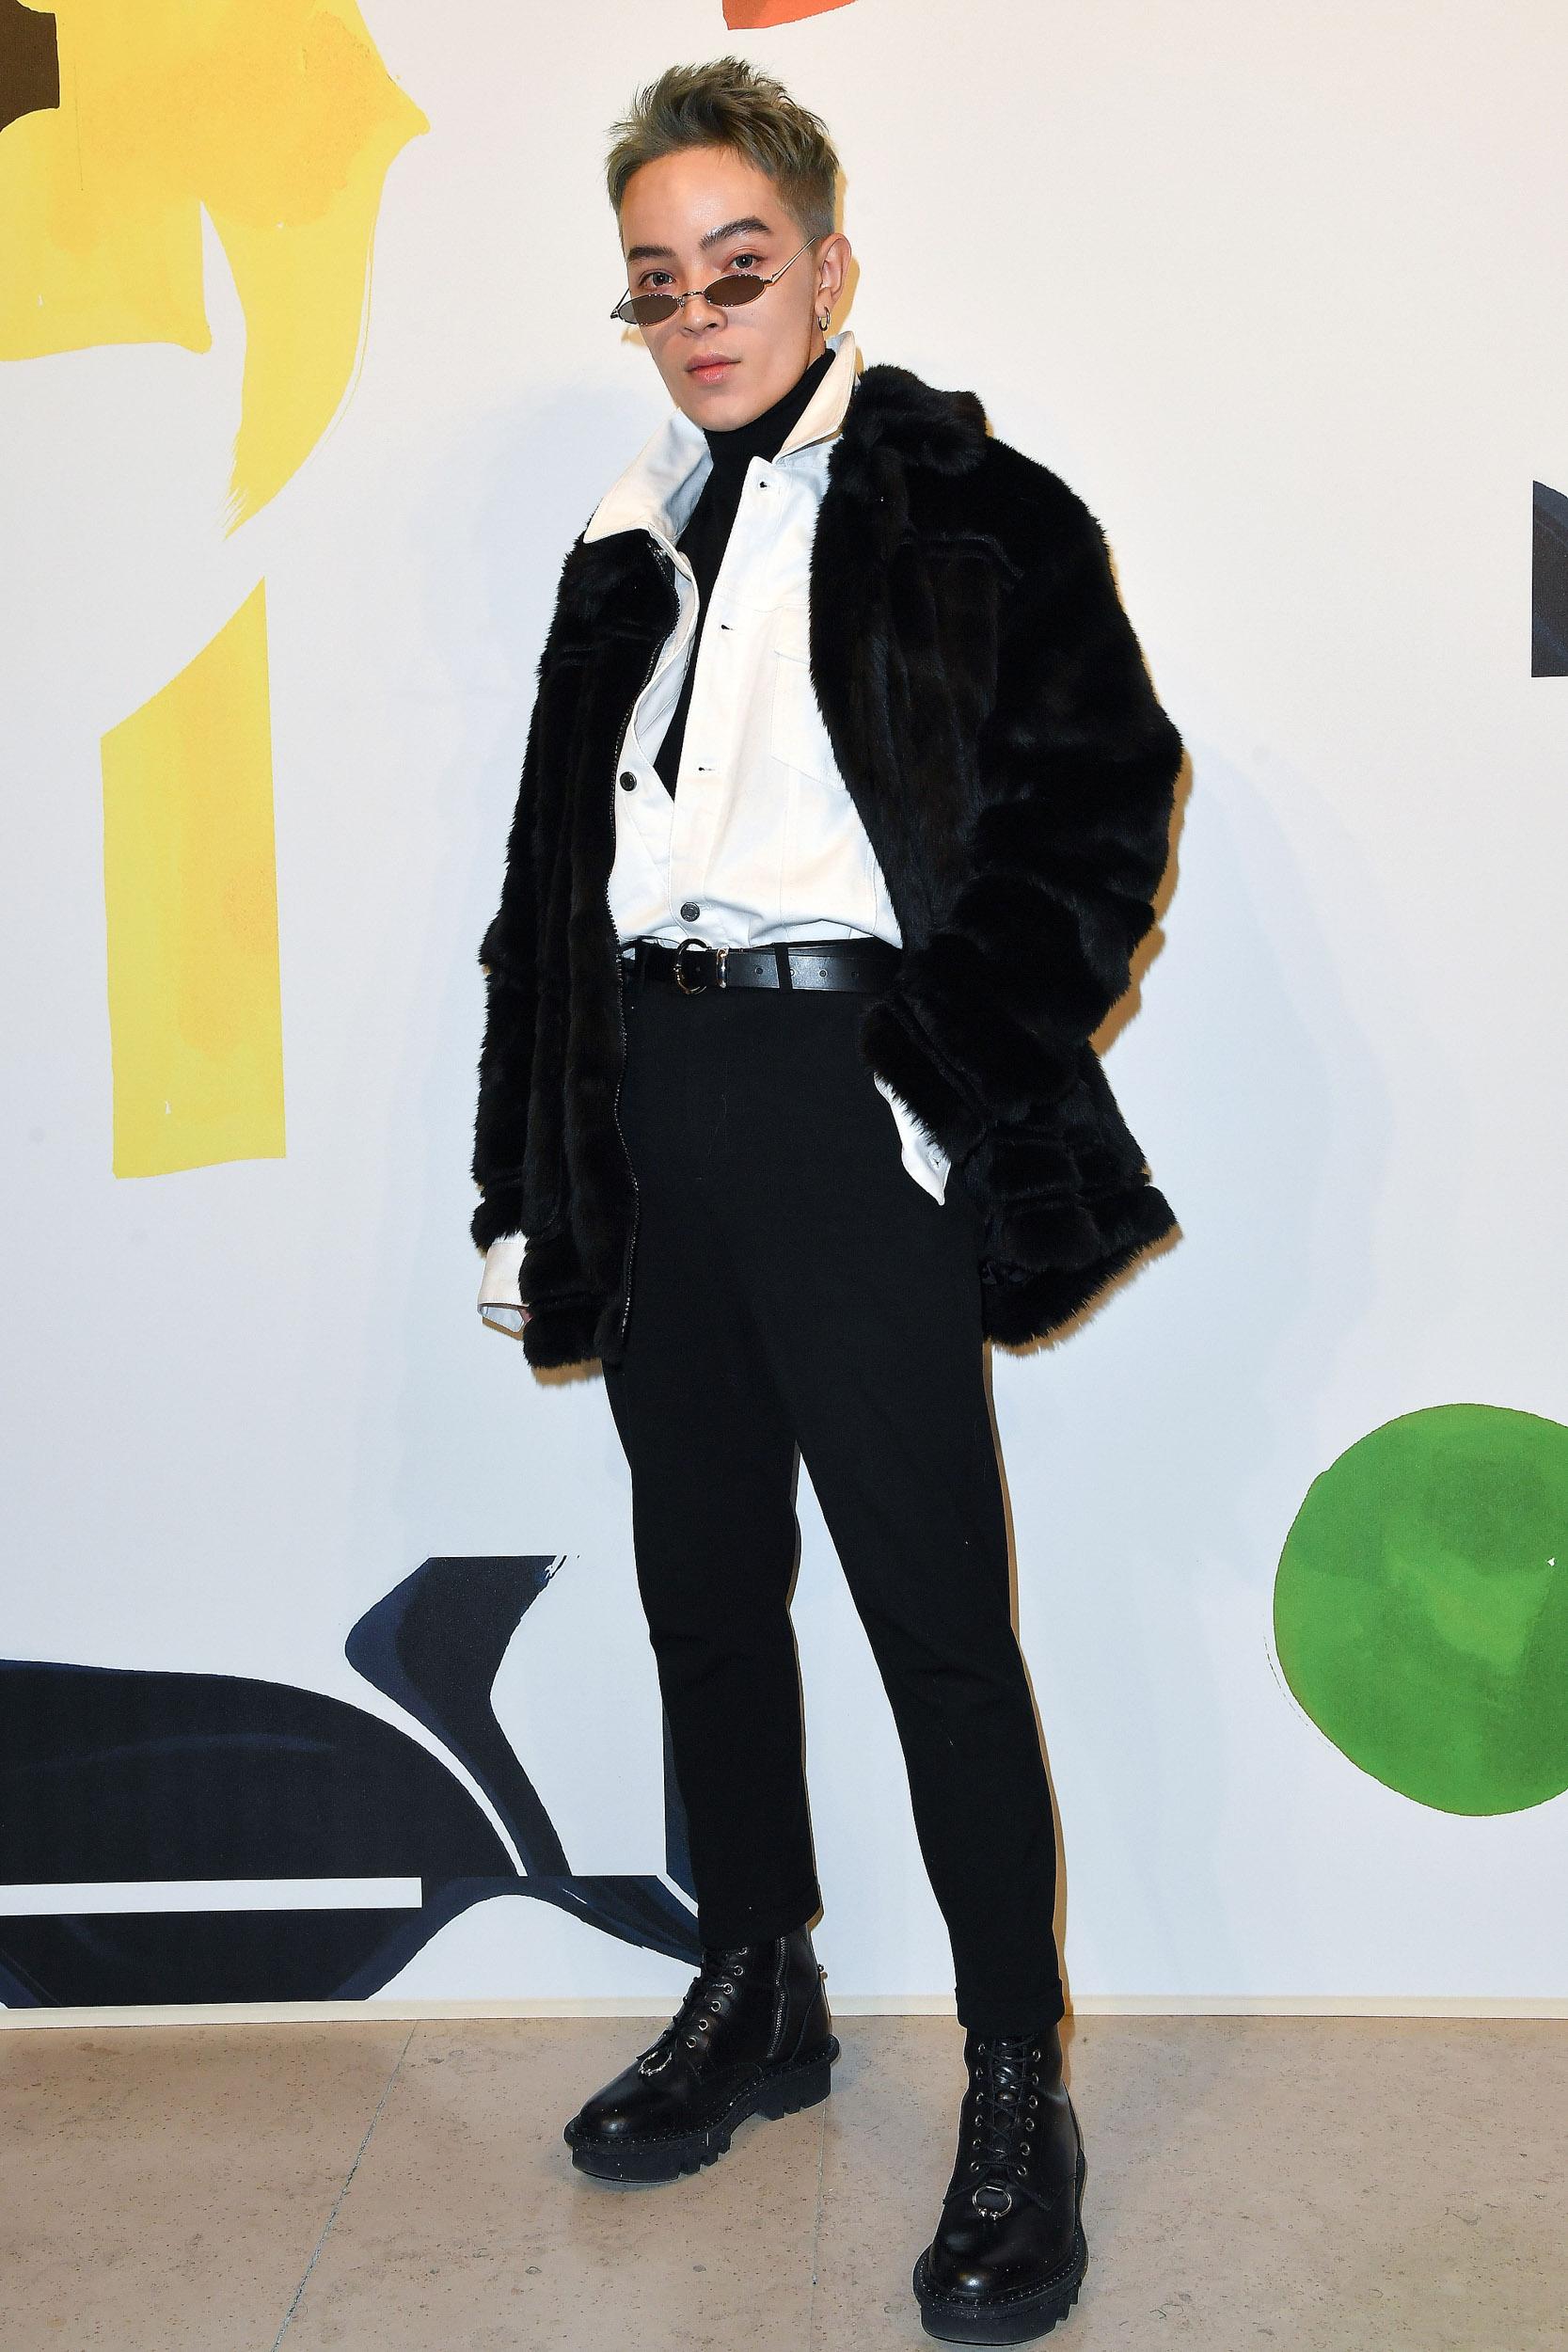 Fashionista Châu Bùi, Kelbin Lei diện nguyên set trang phục H&M đến tham dự Paris Fashion Week